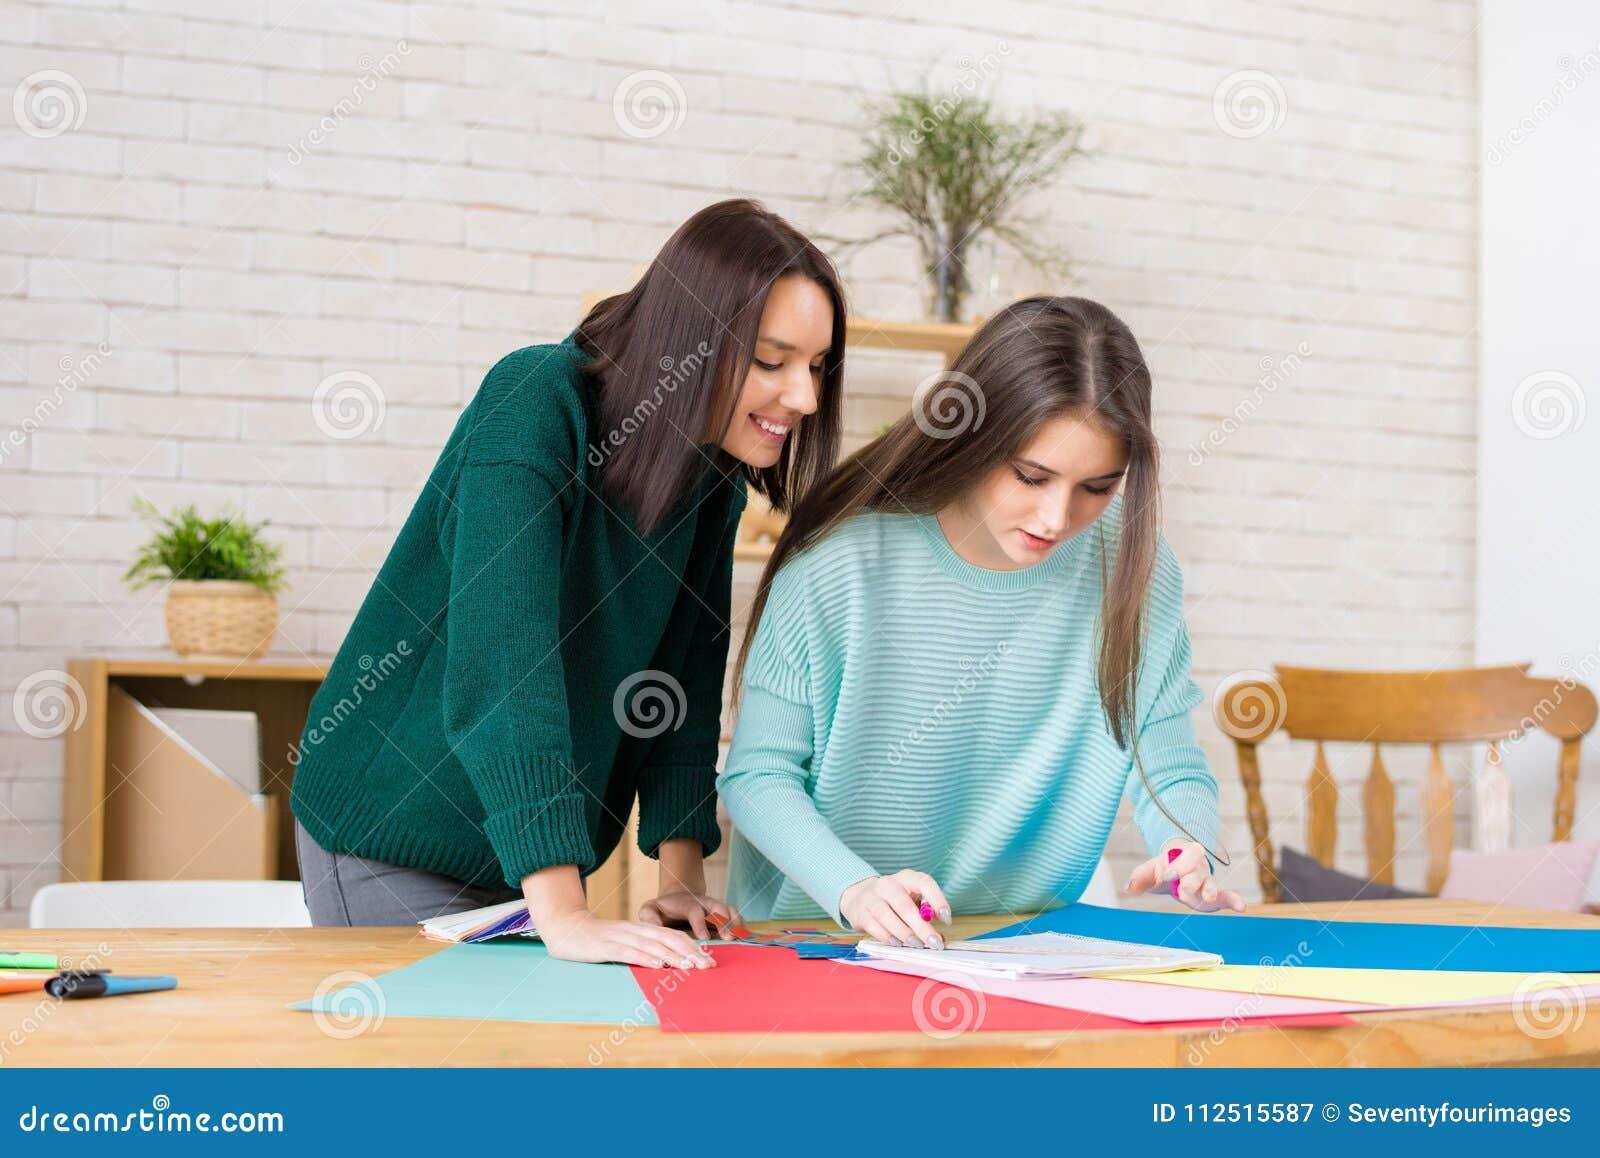 Desenhadores de moda envolvidos acima no trabalho